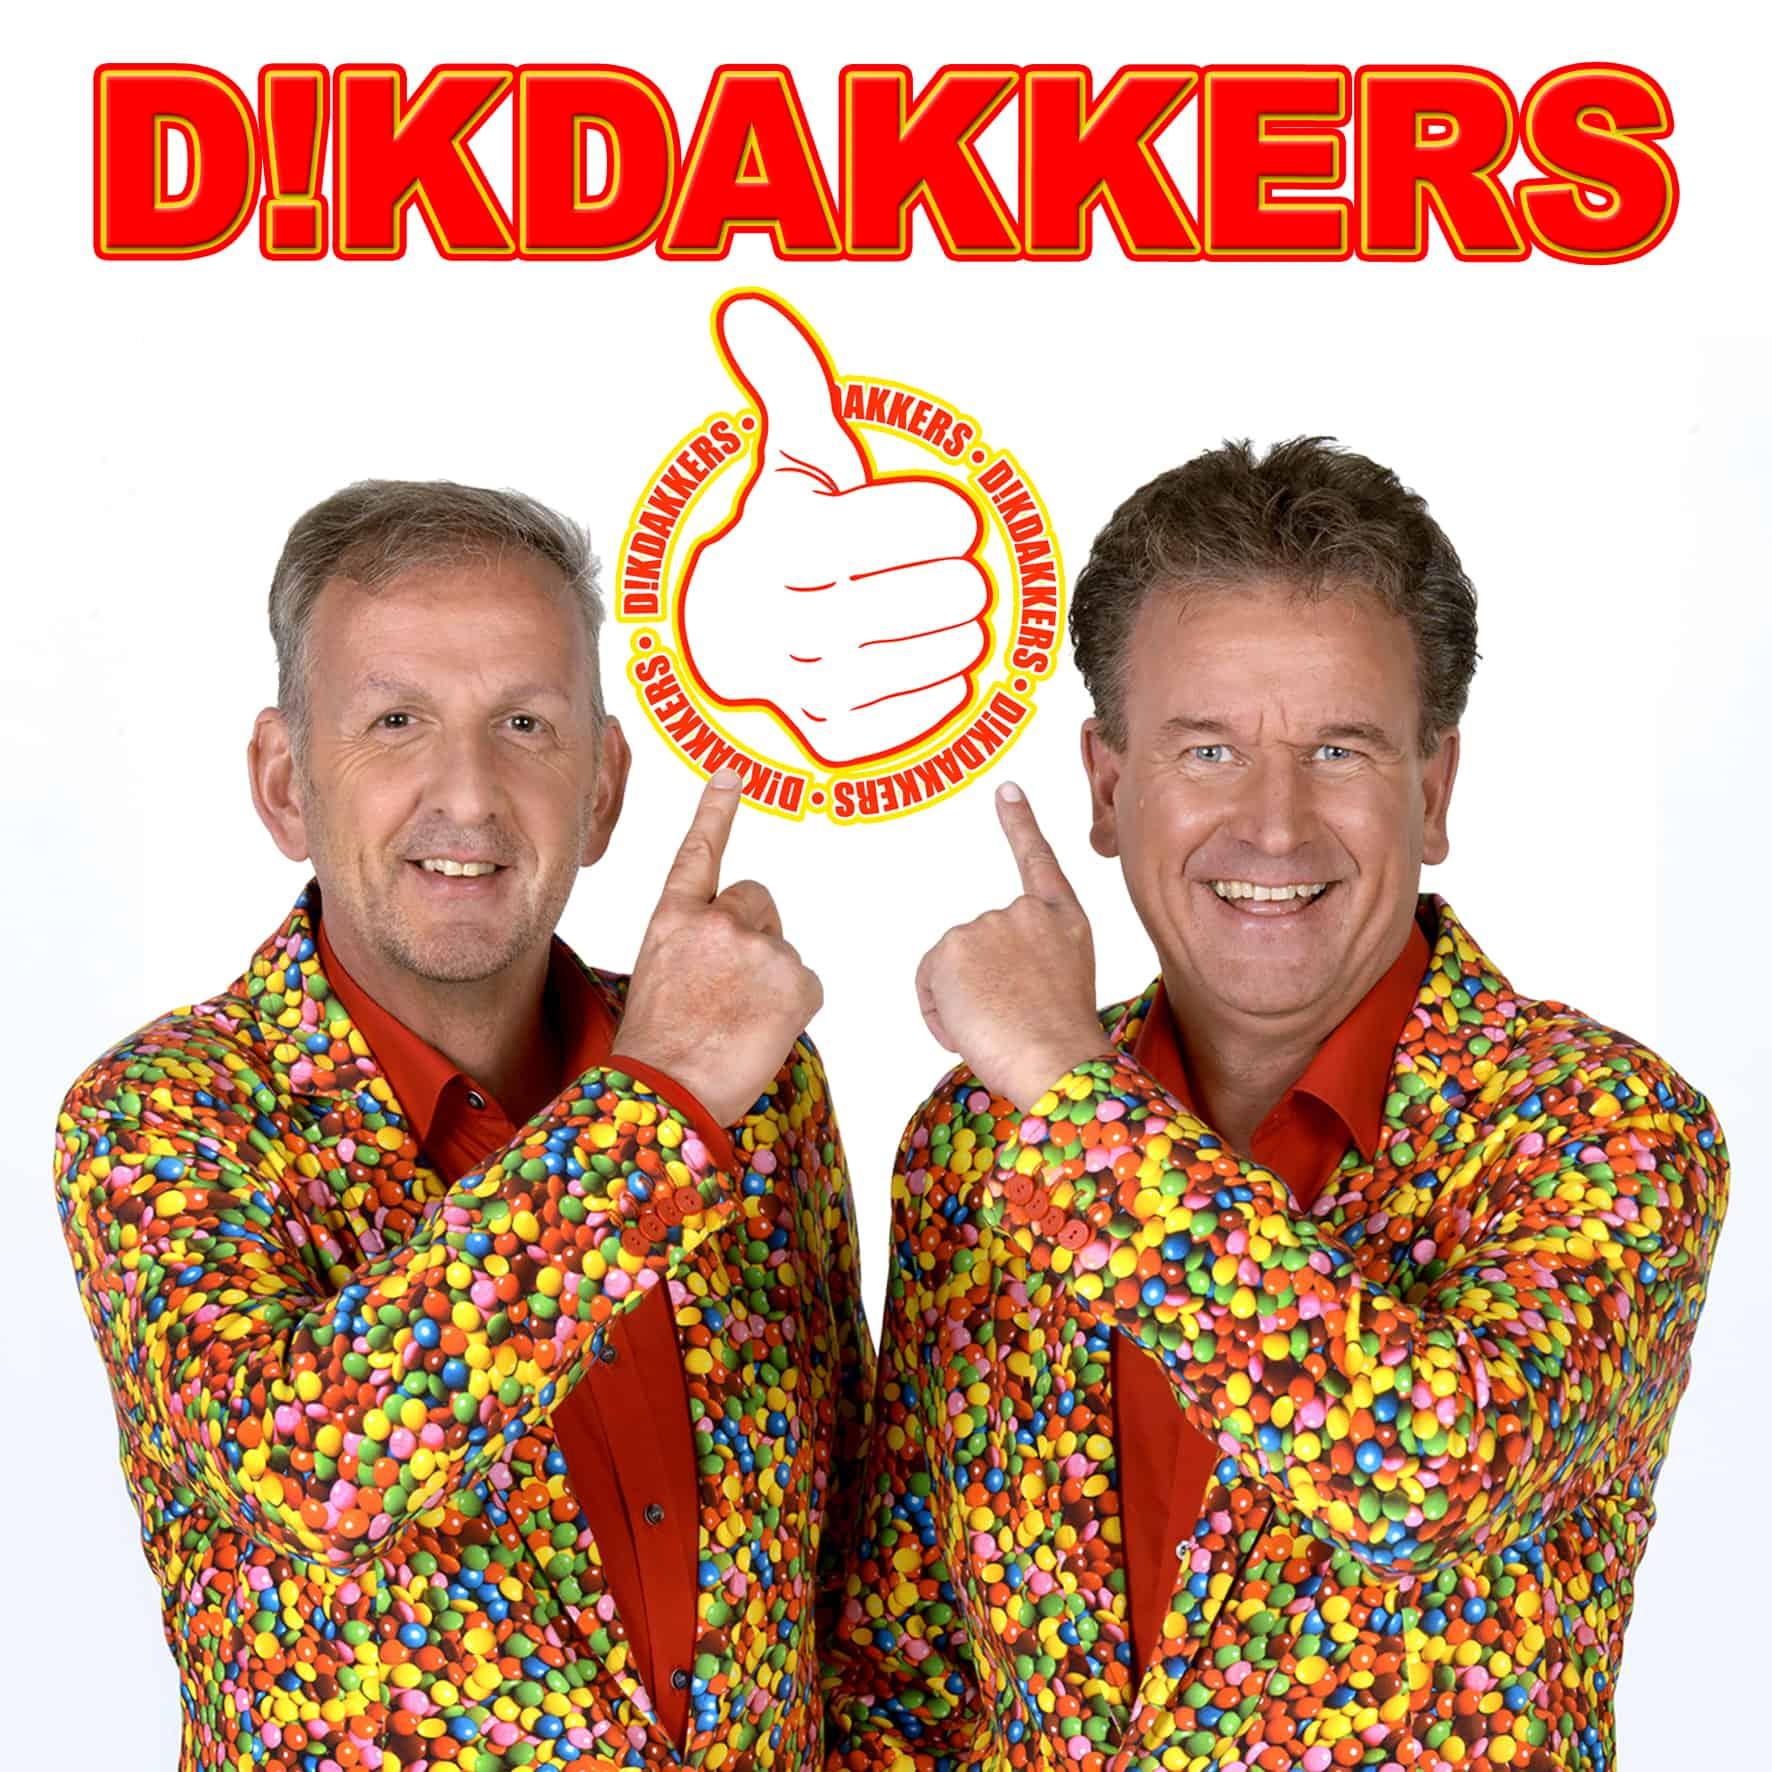 Dikdakkers 2019